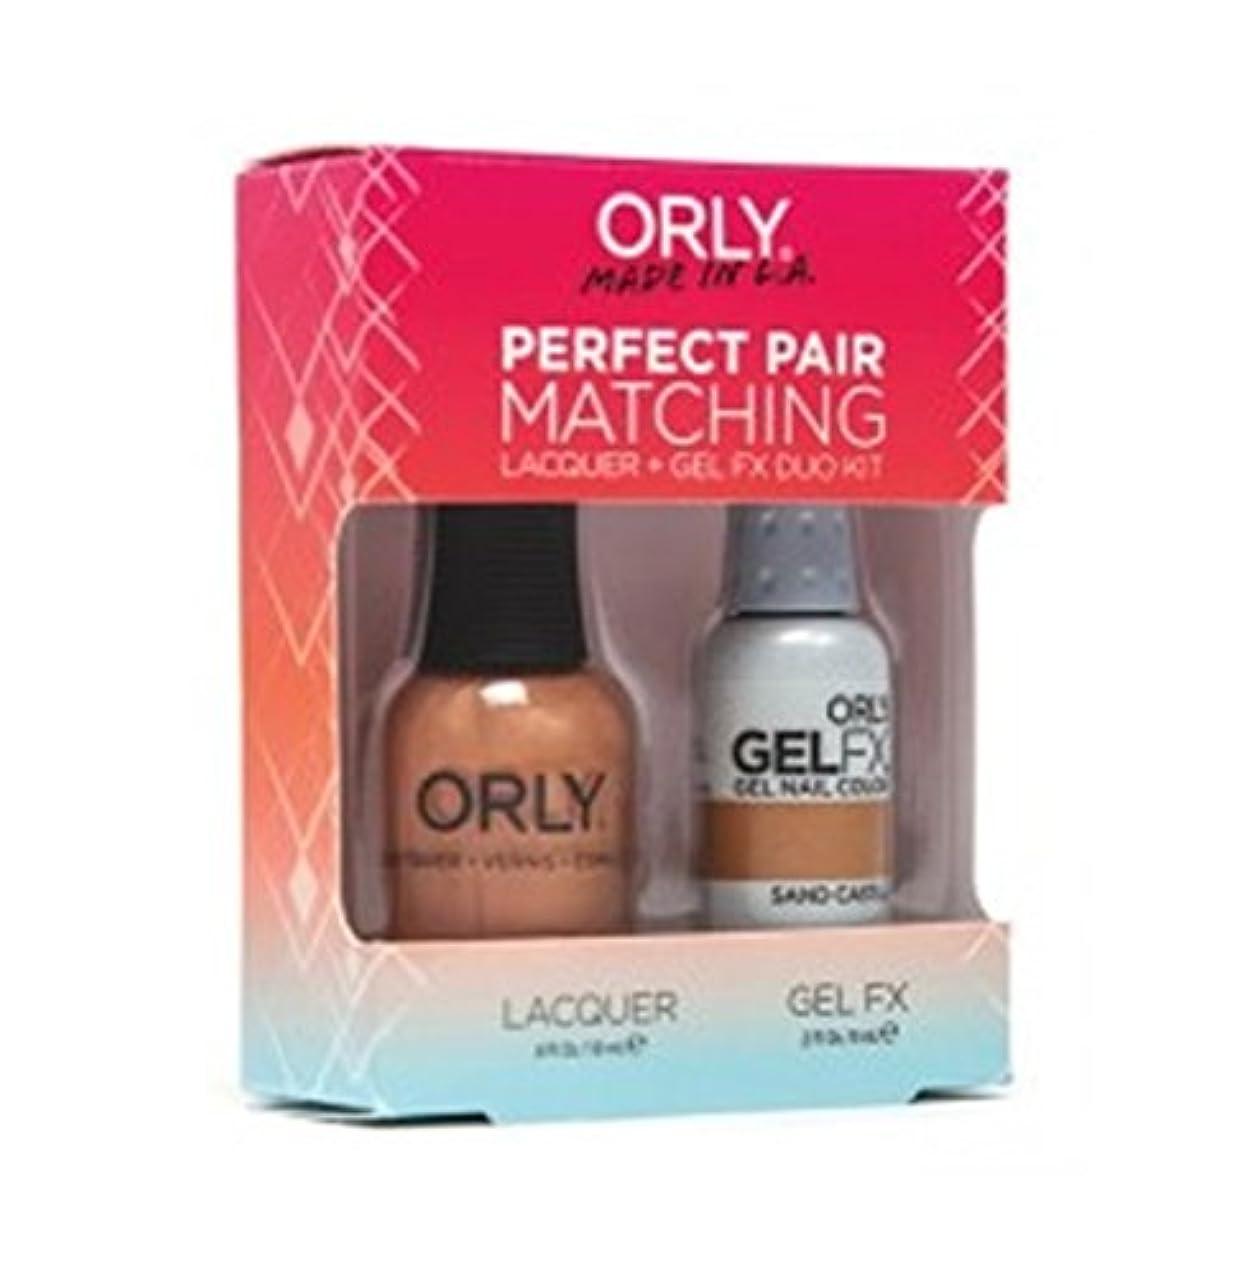 無心流す衛星Orly - Perfect Pair Matching Lacquer+Gel FX Kit - Sand Castle - 0.6 oz / 0.3 oz